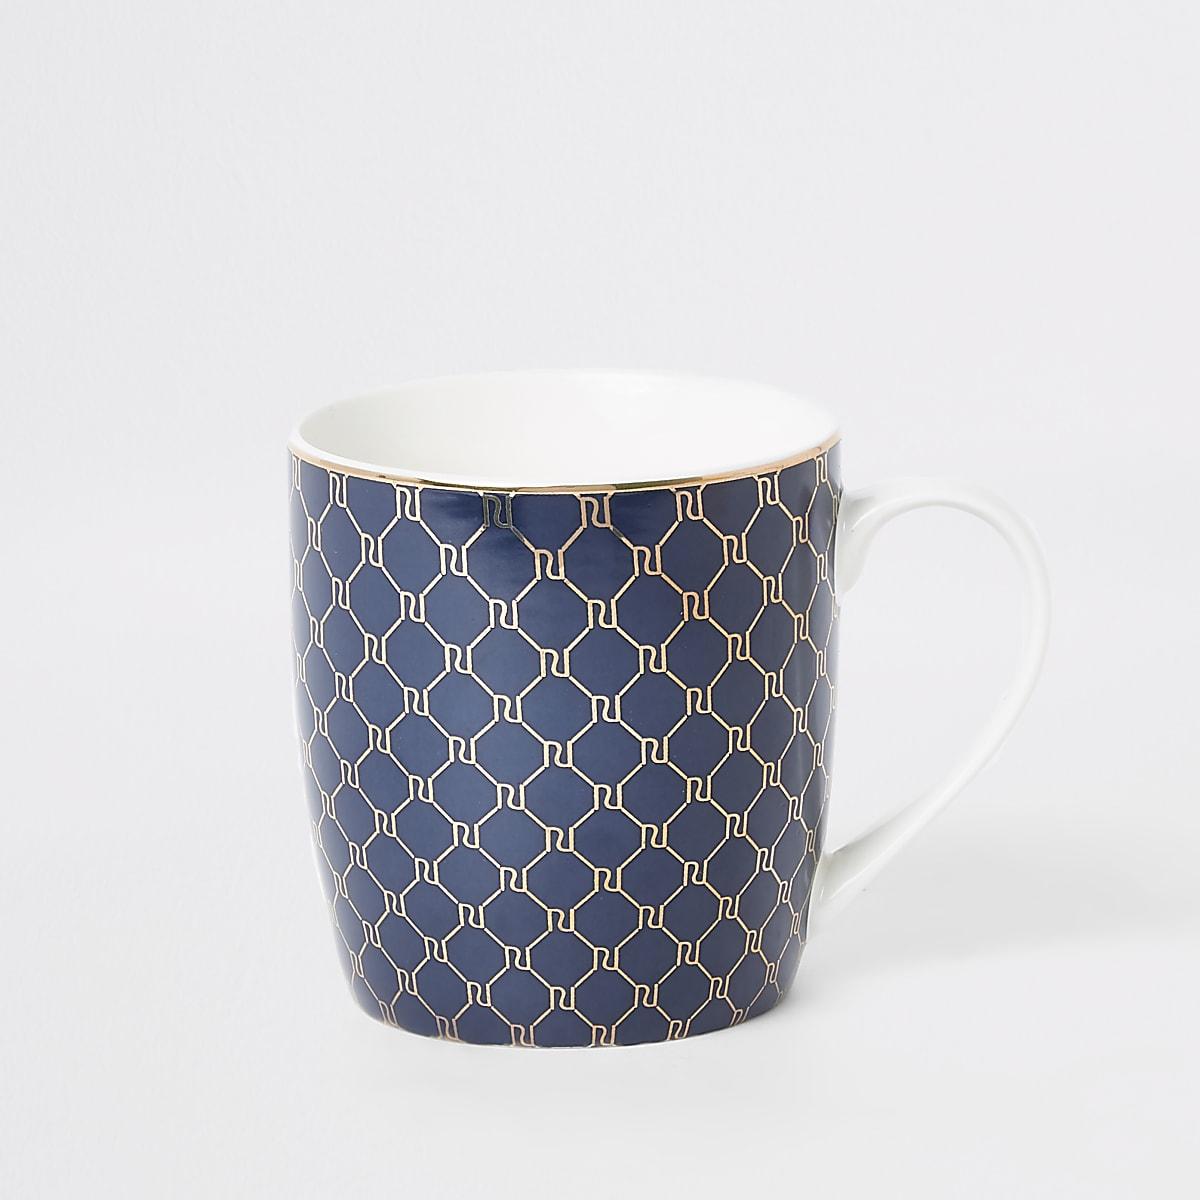 Navy RI monogram tapered mug